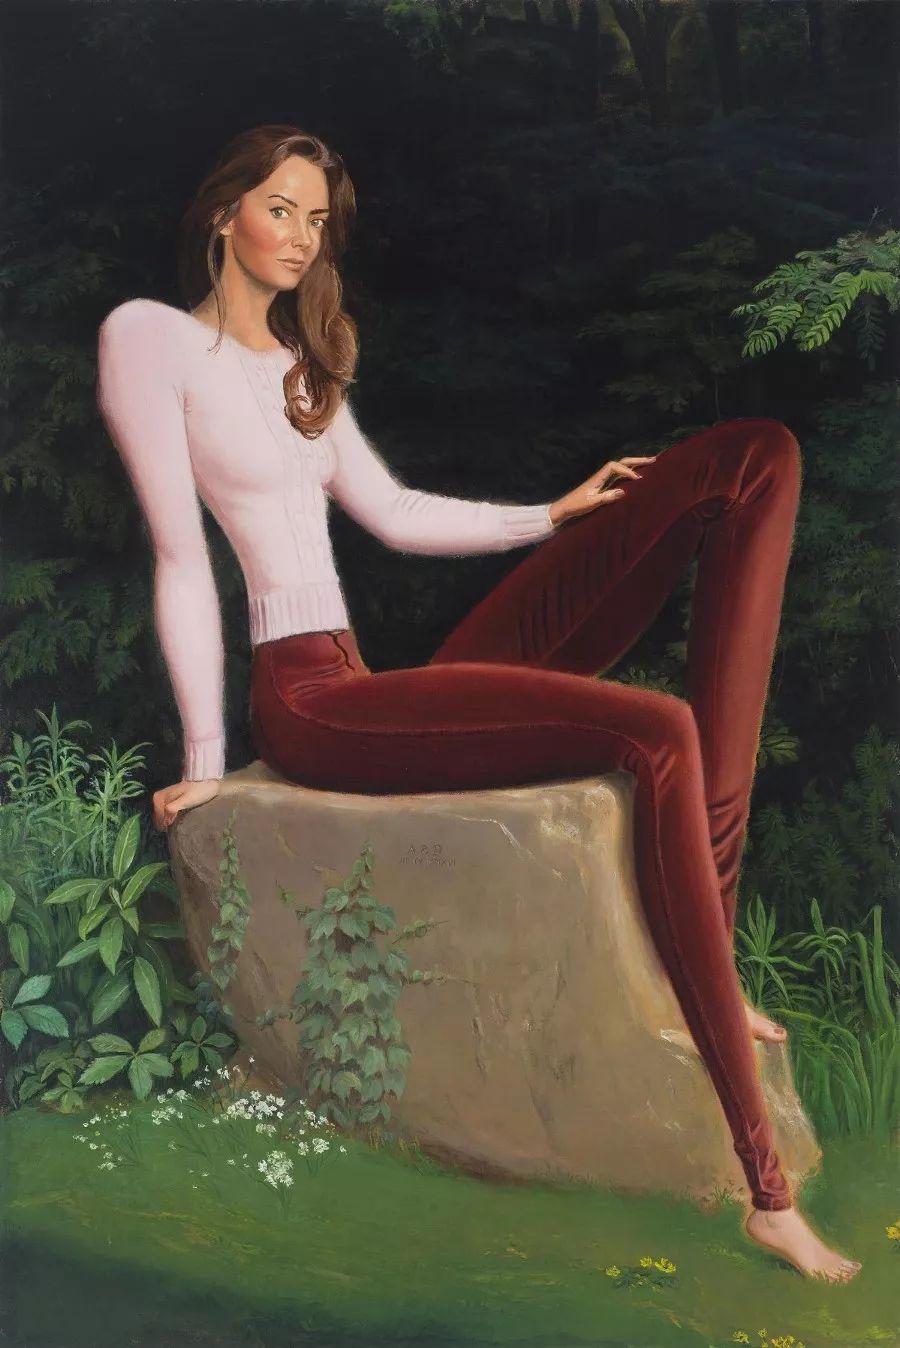 画家把美女的腿画成这样,有劲吗?插图15